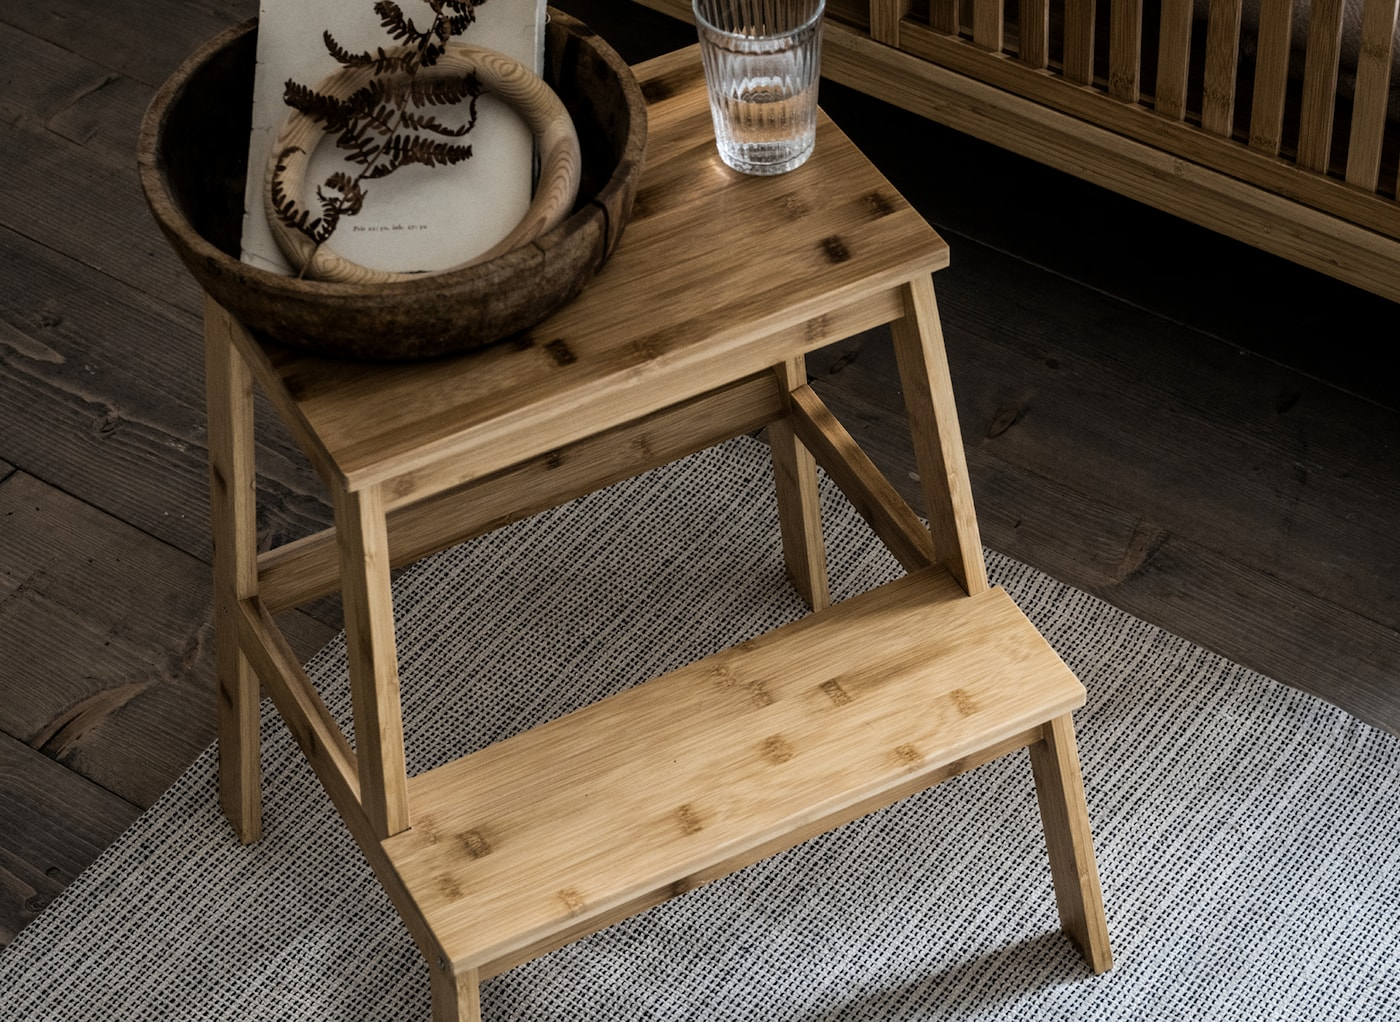 Un bol en bois et un verre transparent sont posés sur un marchepied TENHULT de IKEA en bambou.